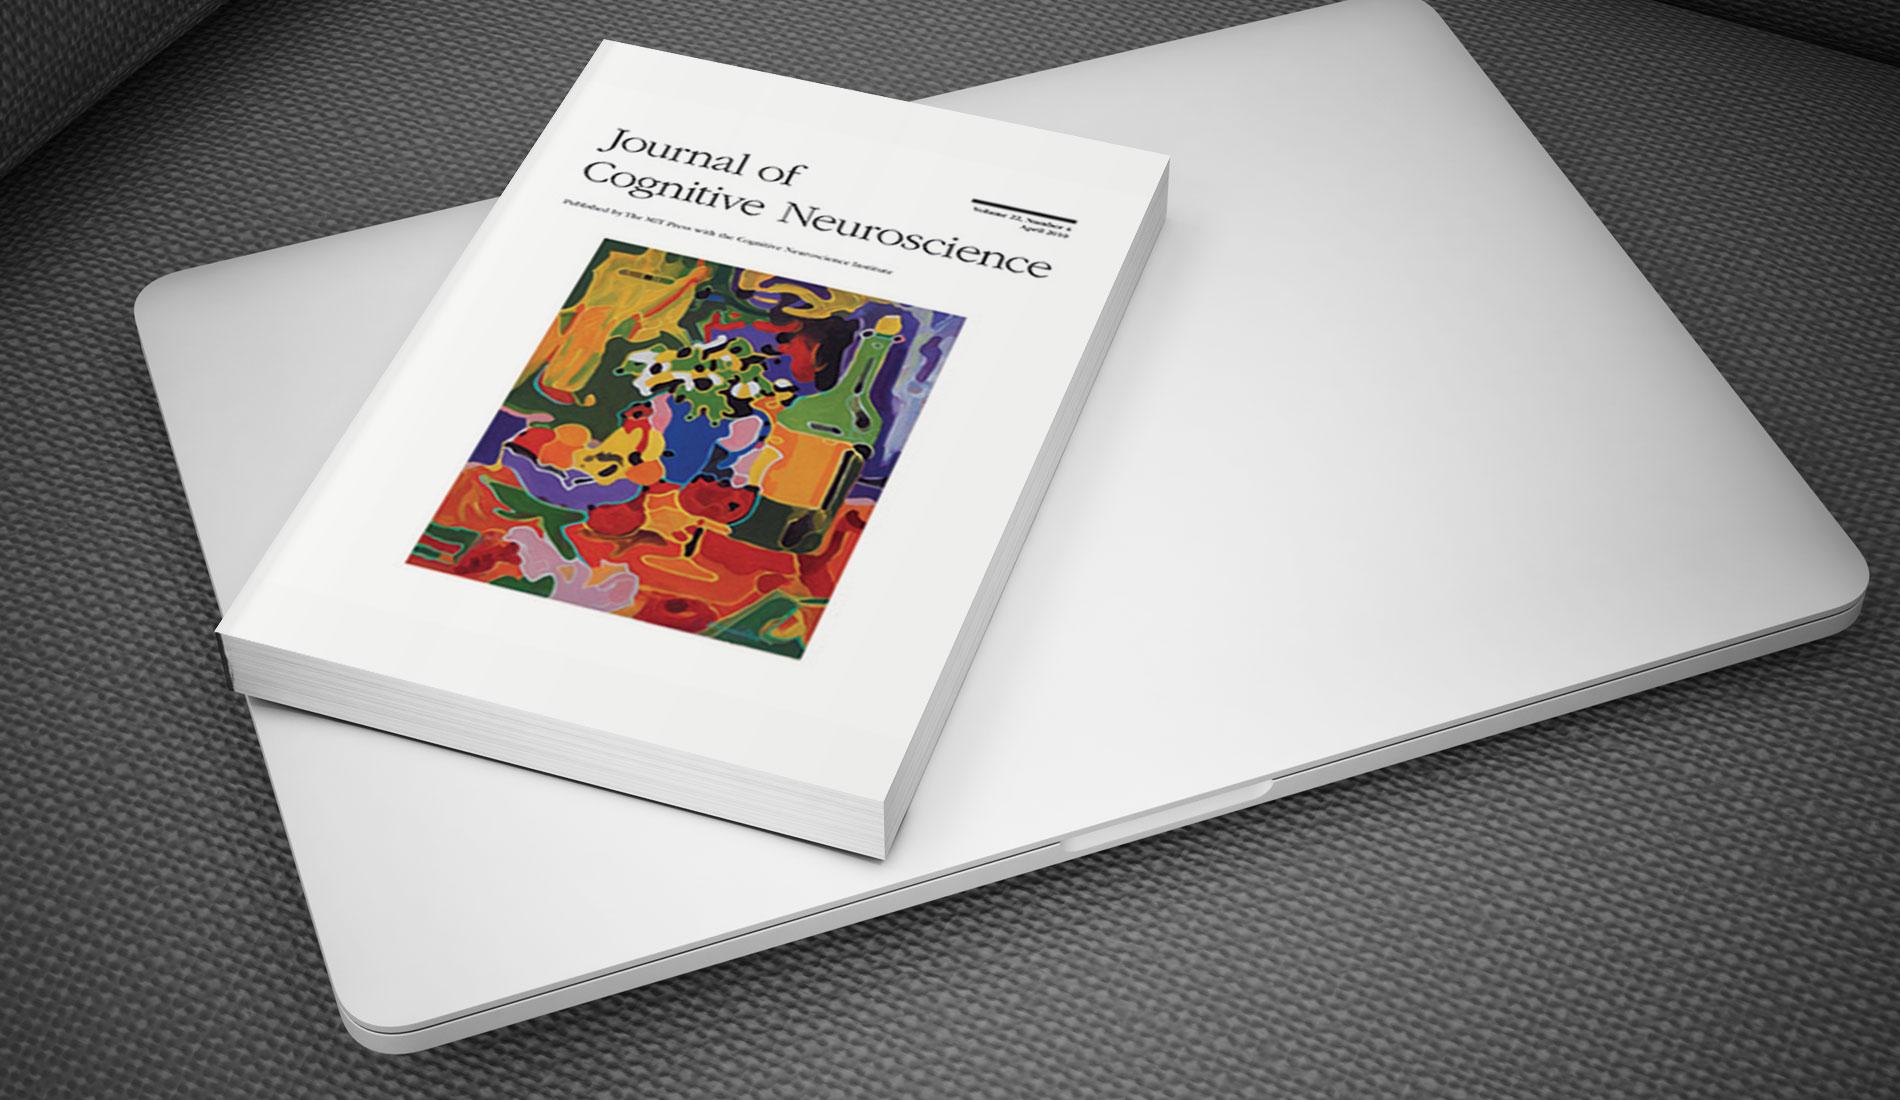 """Réouverture des accès à la revue """"Journal of Cognitive Neuroscience"""""""